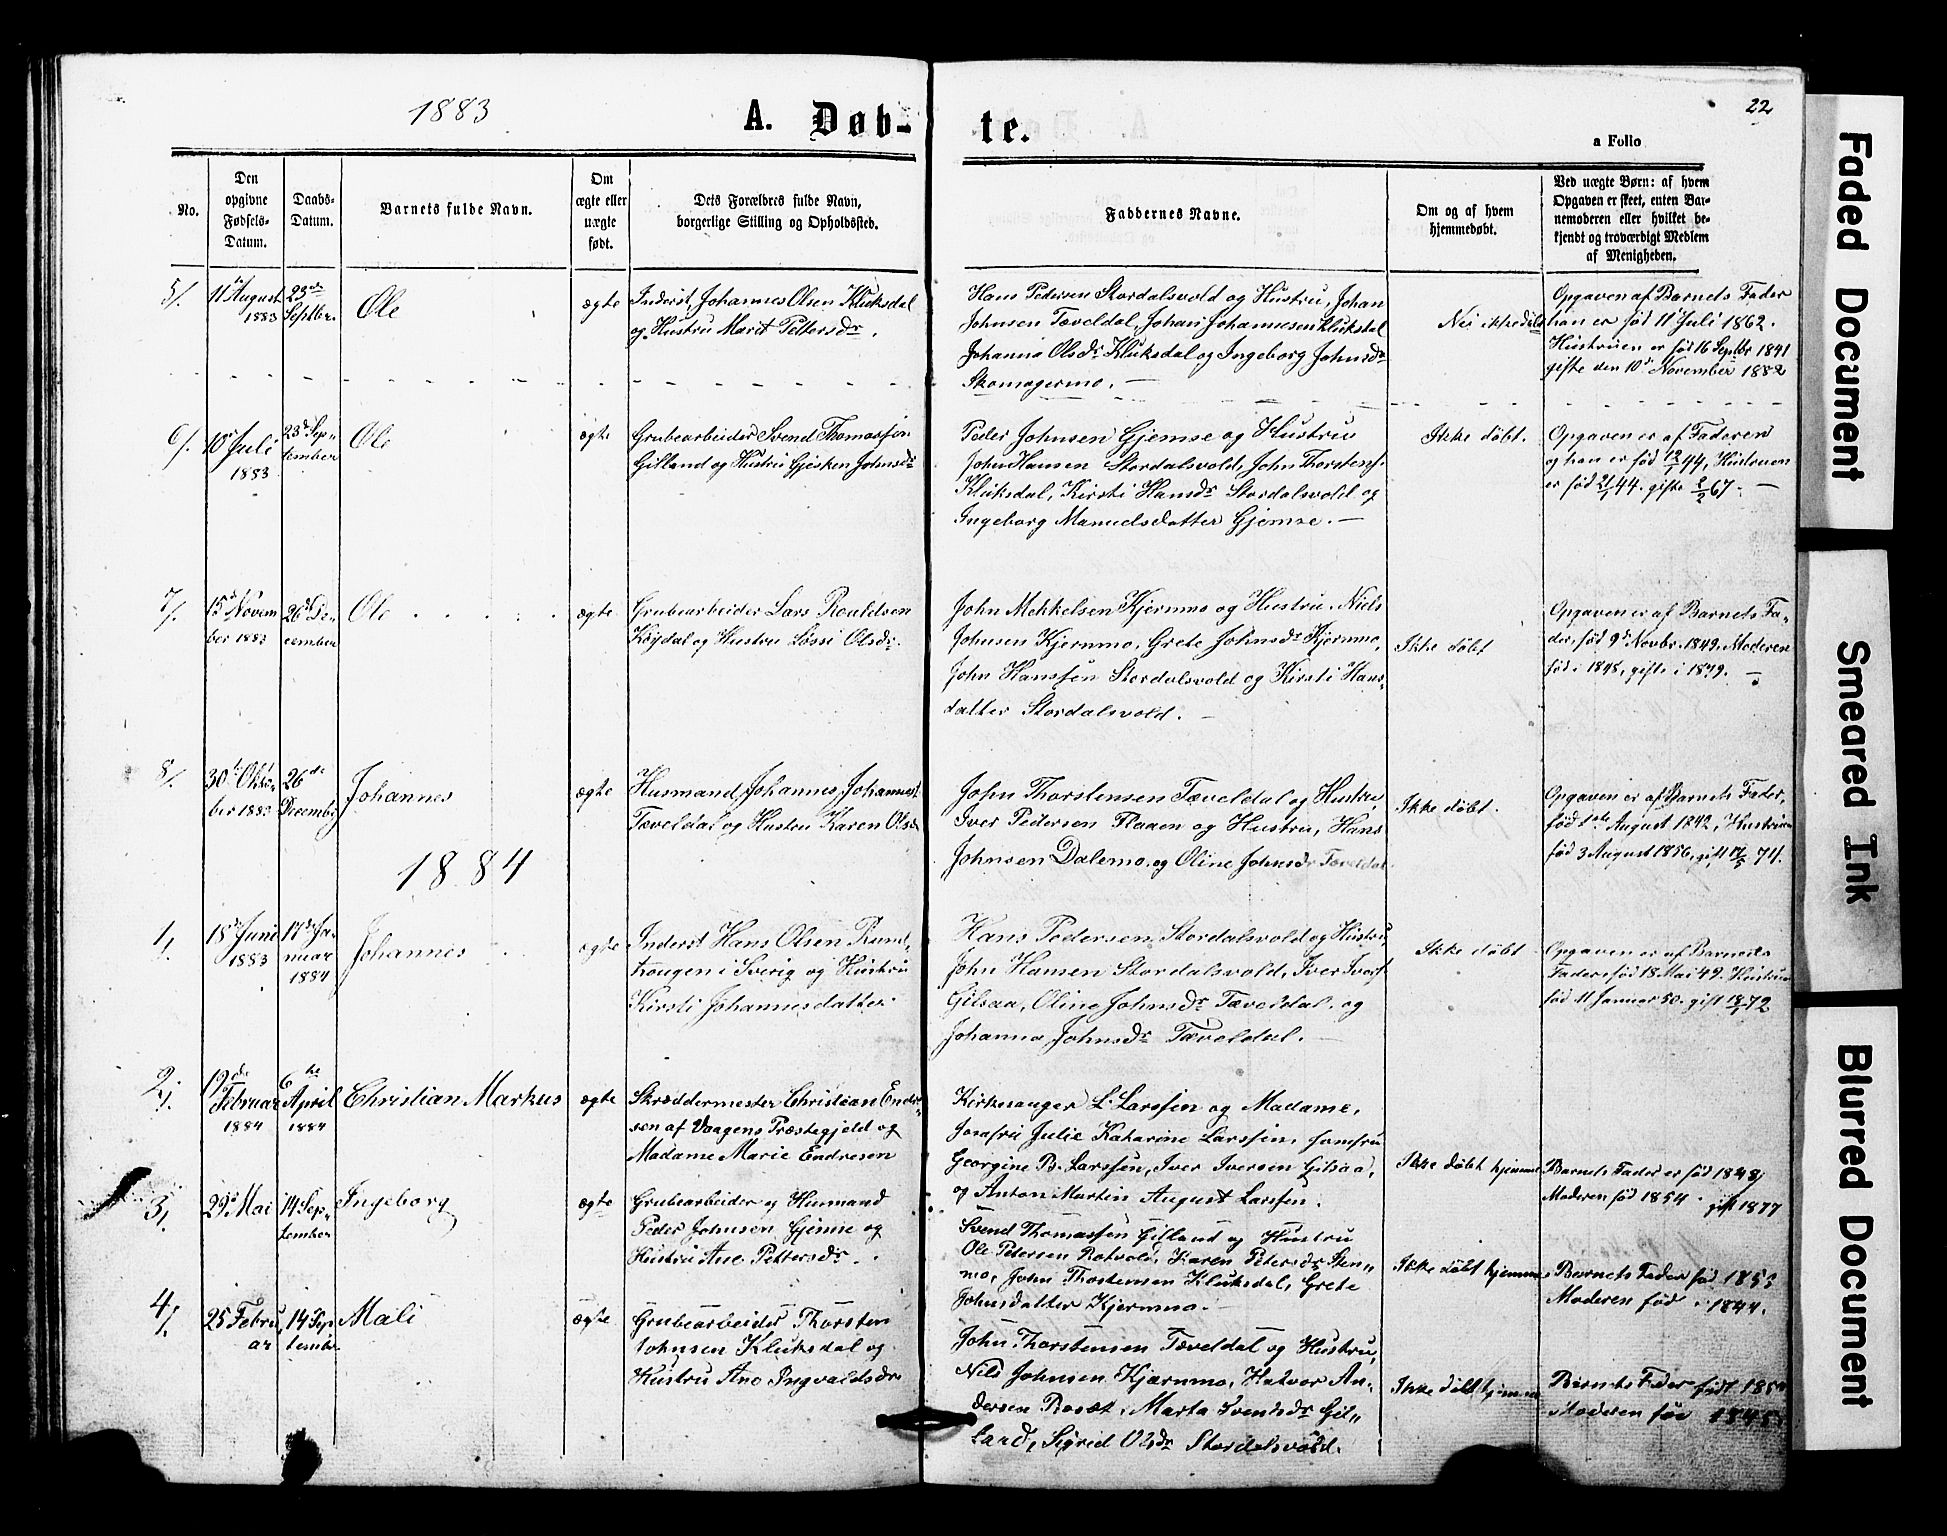 SAT, Ministerialprotokoller, klokkerbøker og fødselsregistre - Nord-Trøndelag, 707/L0052: Klokkerbok nr. 707C01, 1864-1897, s. 22